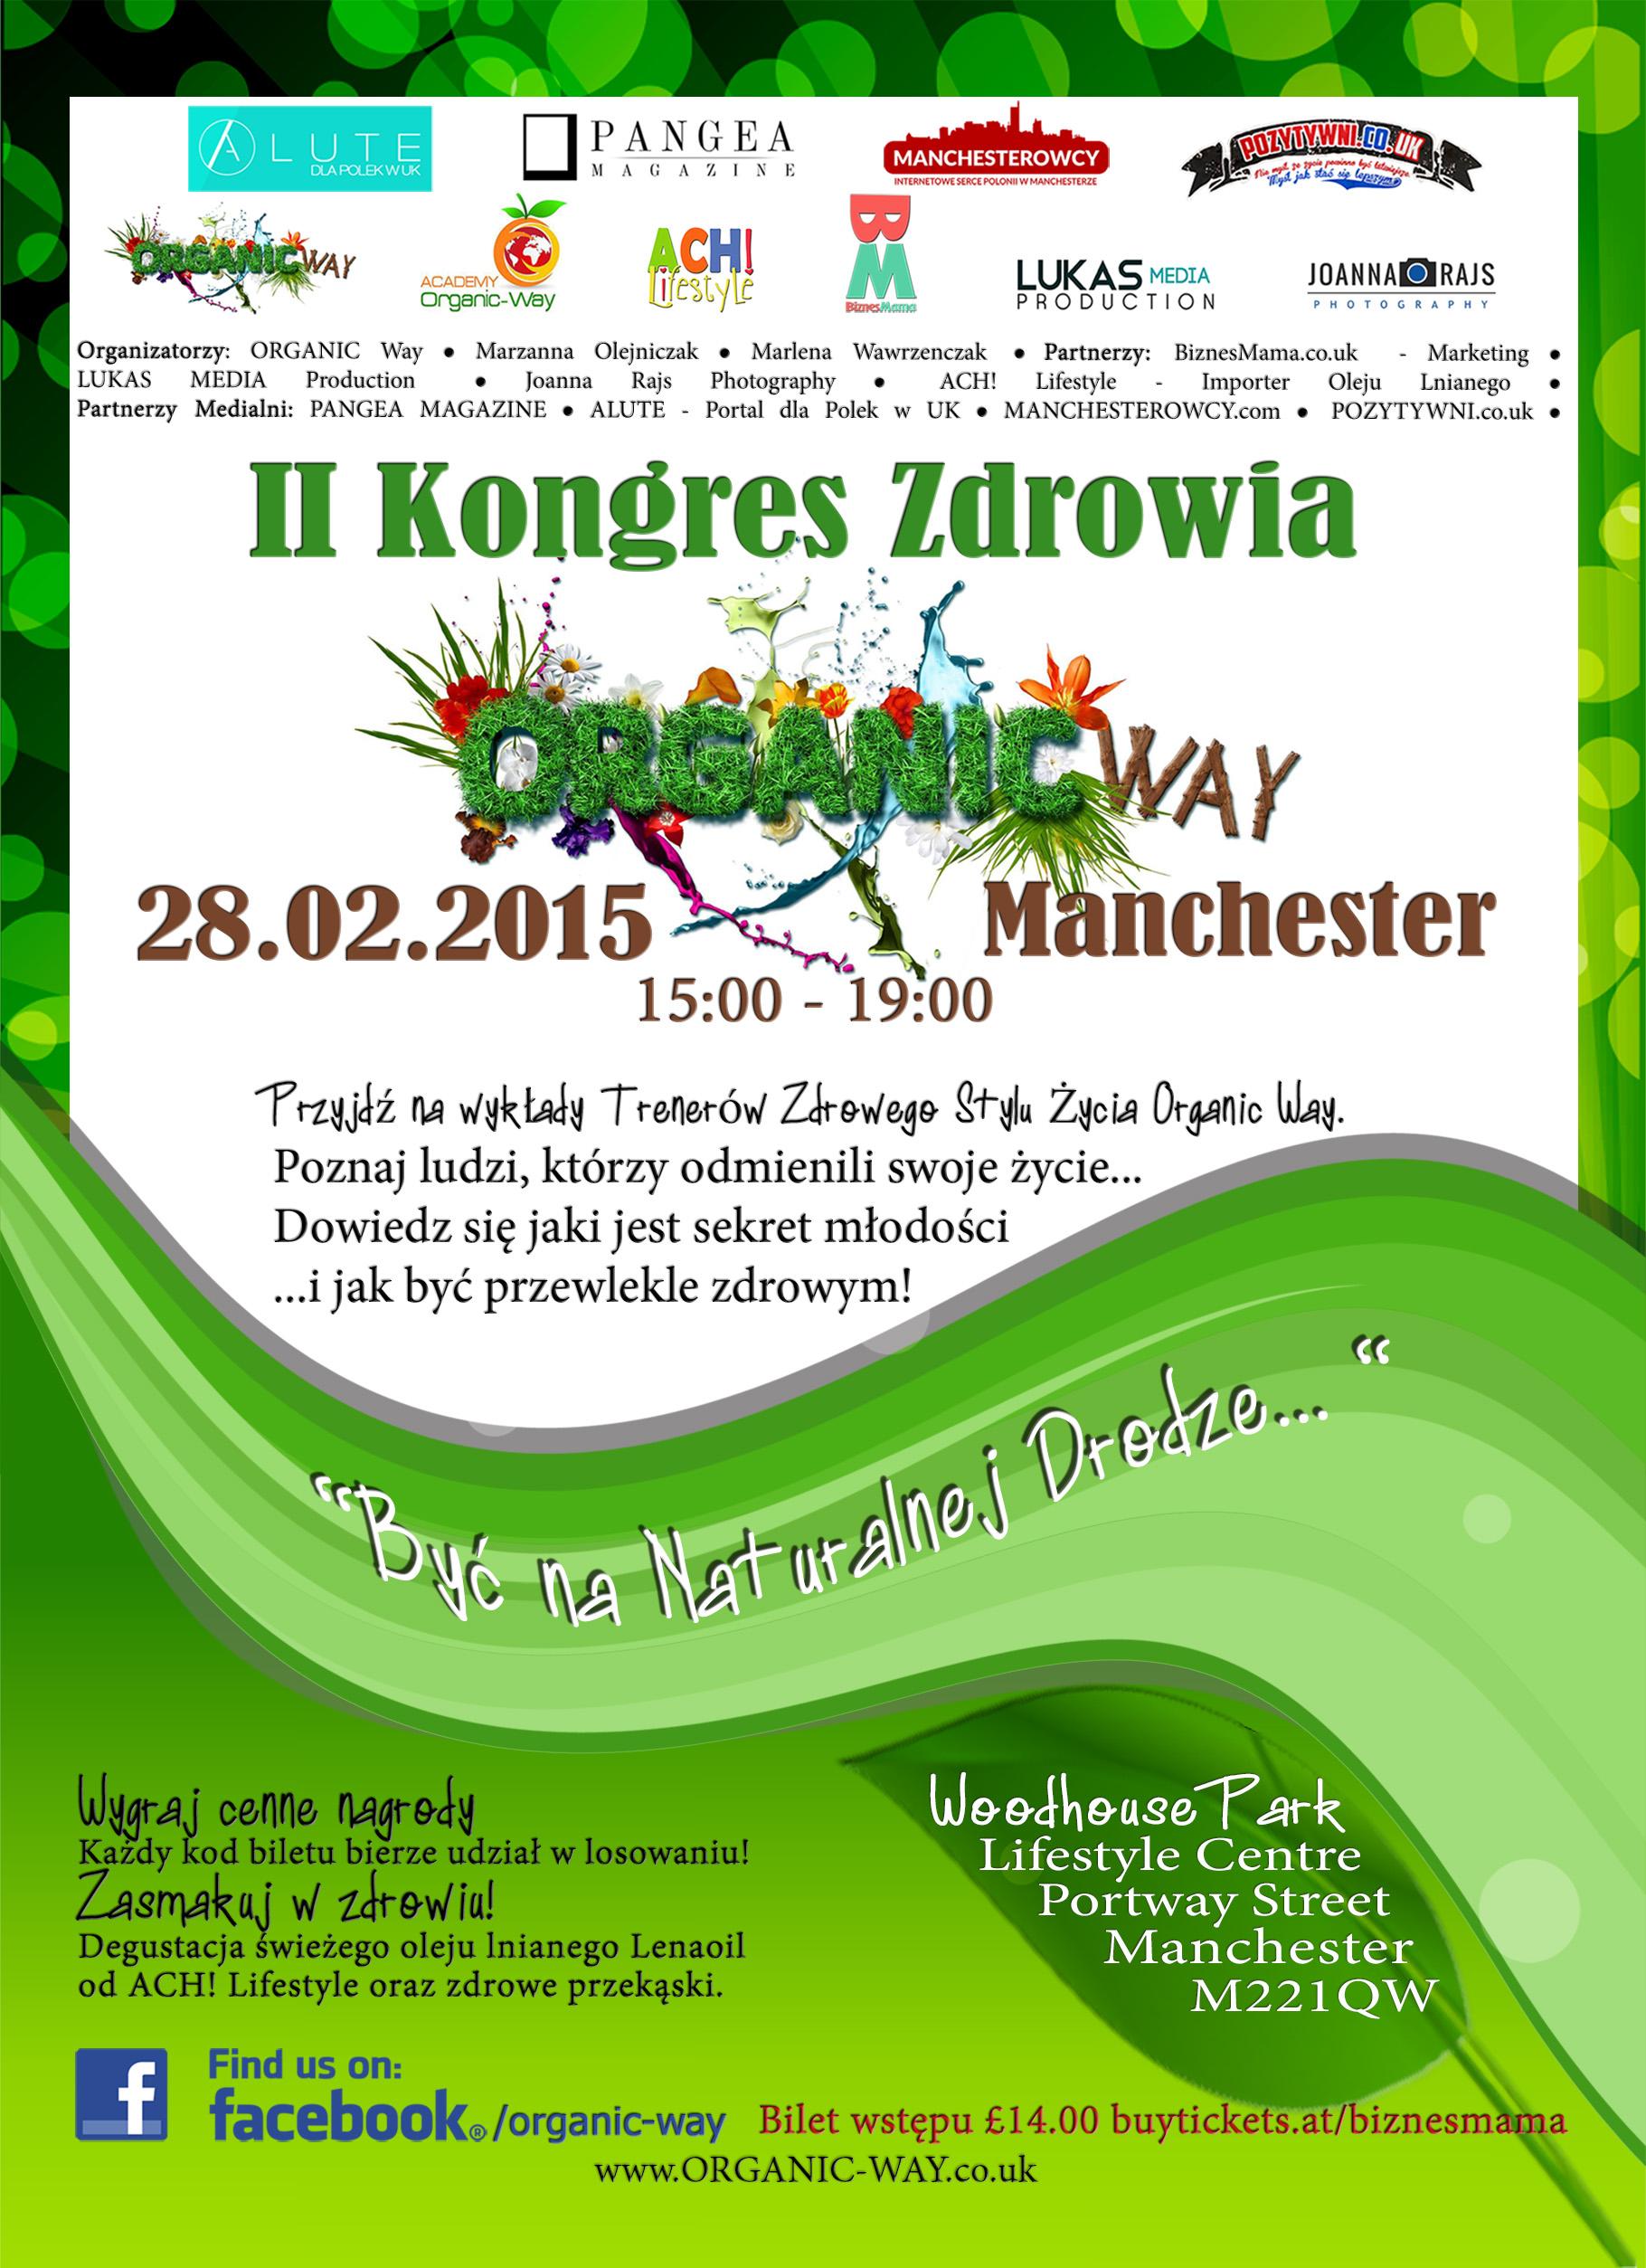 II Kongres Zdrowia Organic Way - Plakat2 (1)